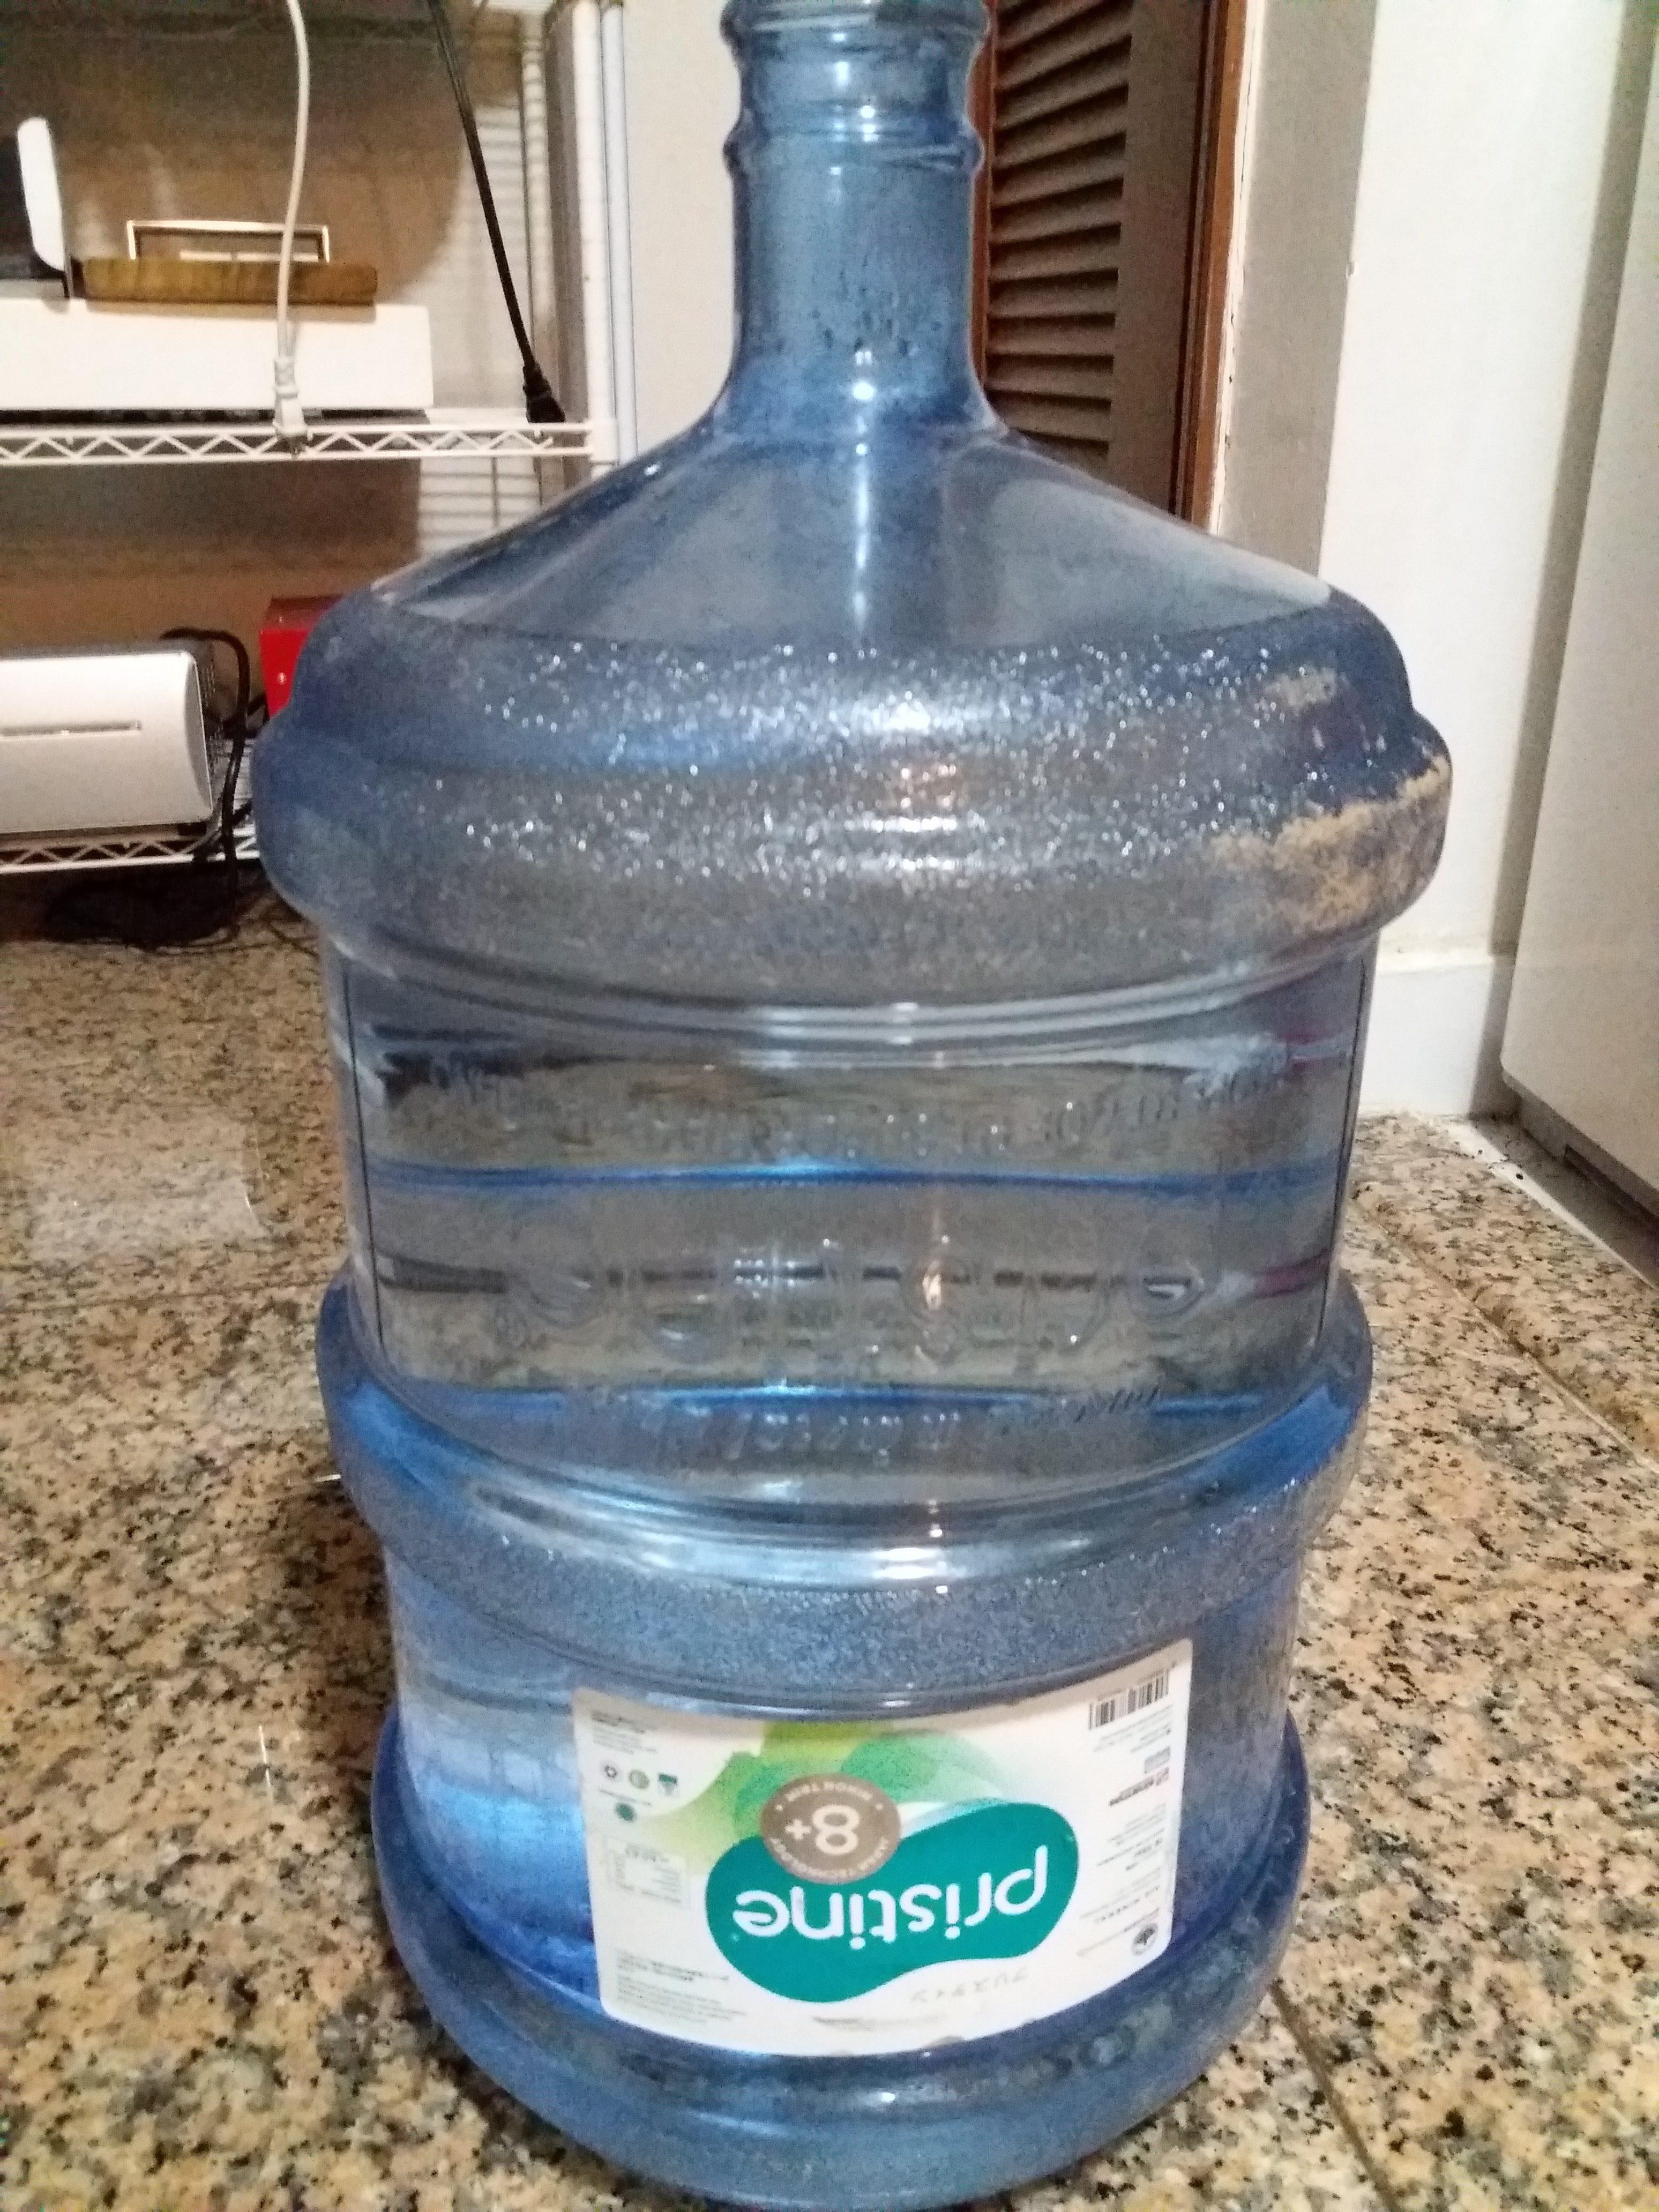 ジャカルタの水事情、日本人が好む水の種類・ガロンや浄水器について